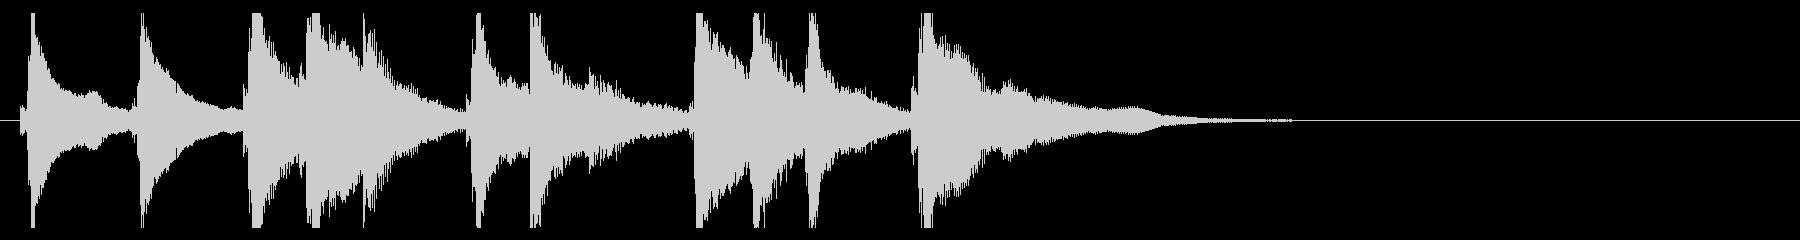 お琴の定番ジングル05の未再生の波形